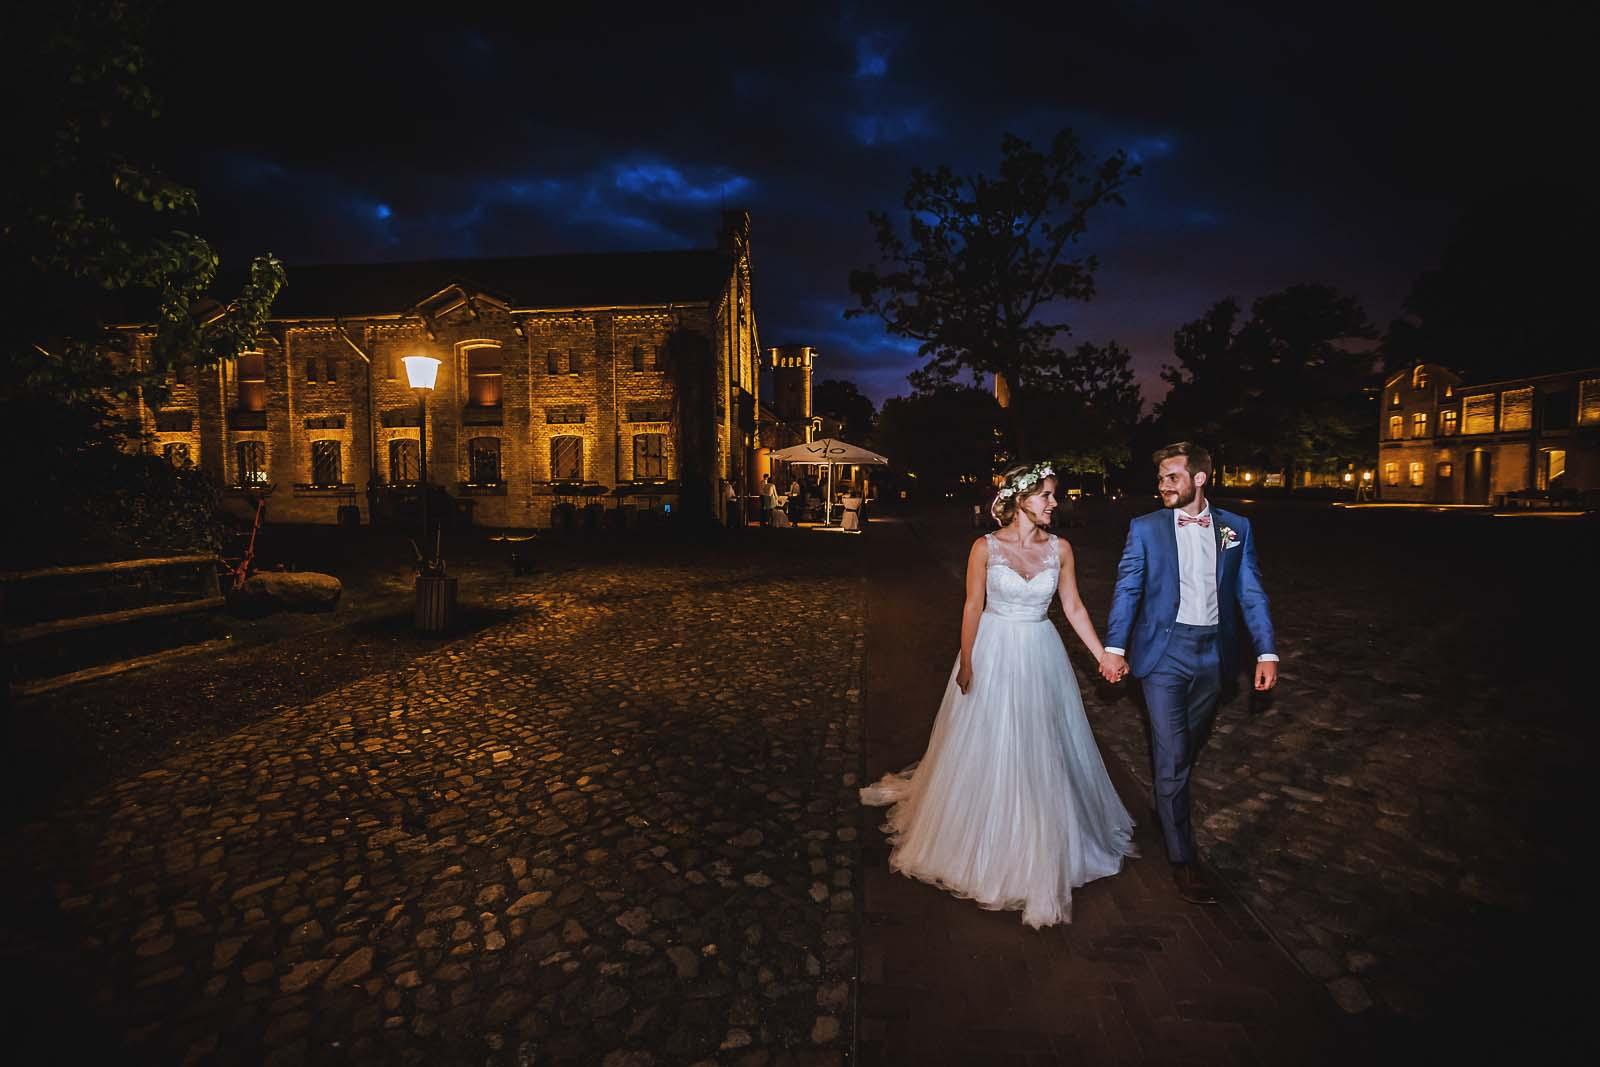 Hochzeitsfotograf Berlin mit Brautpaar im Ochsenstall vom Schloss Britz Copyright by Hochzeitsfotograf www.berliner-hochzeitsfotografie.de